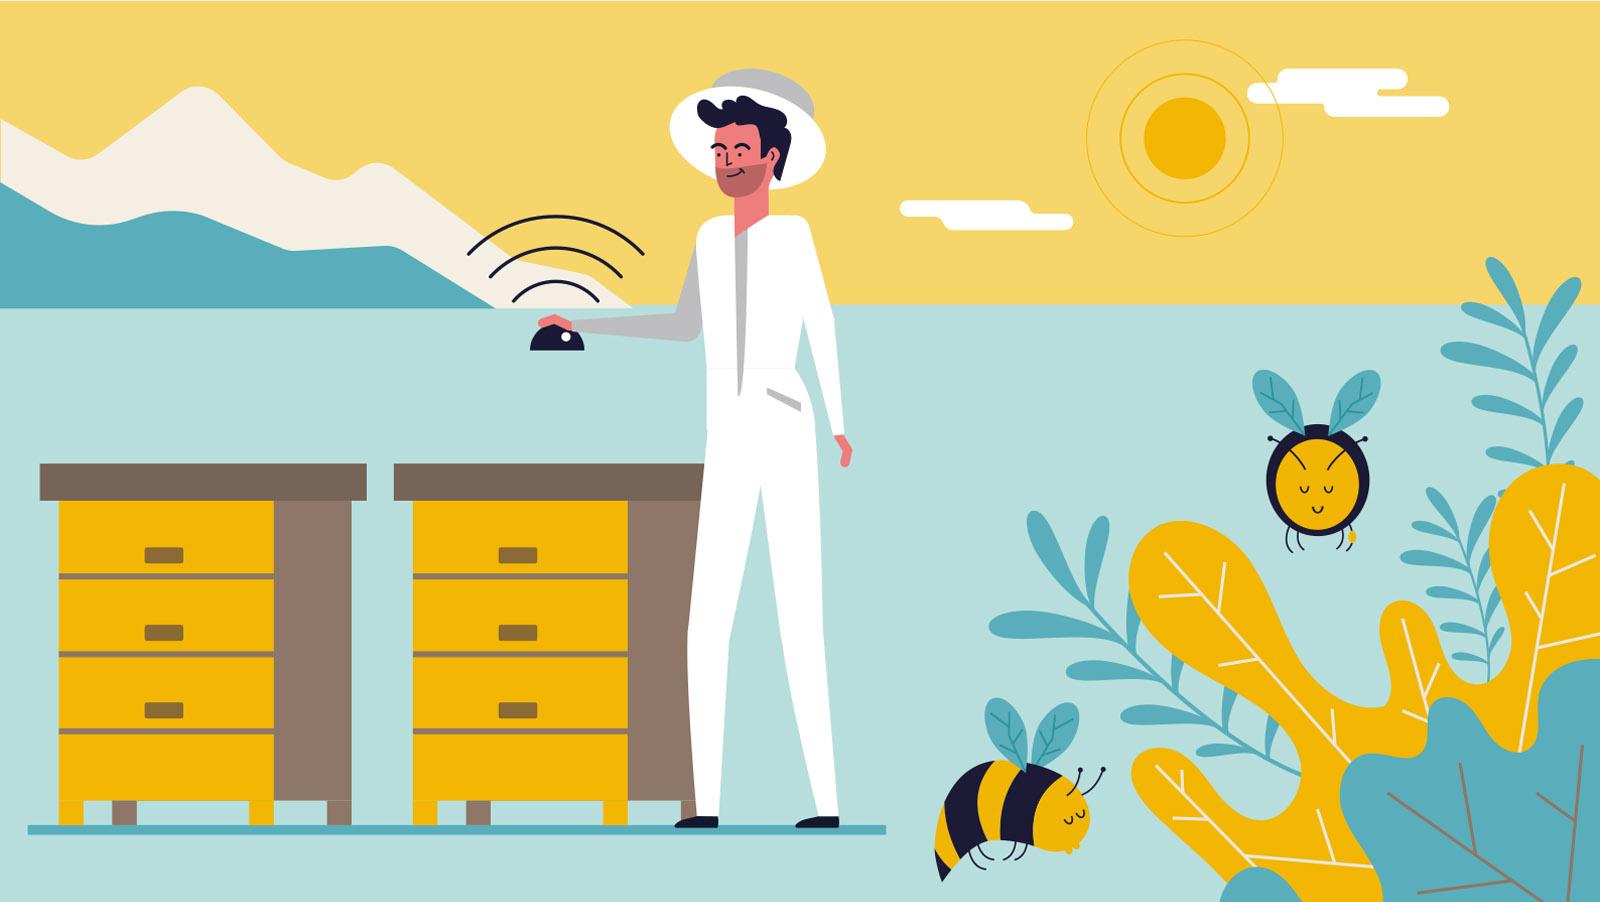 Bee2keeper video animado, ilustración vectorial de un apicultor instalando un sensor bee2keeper en la colmena